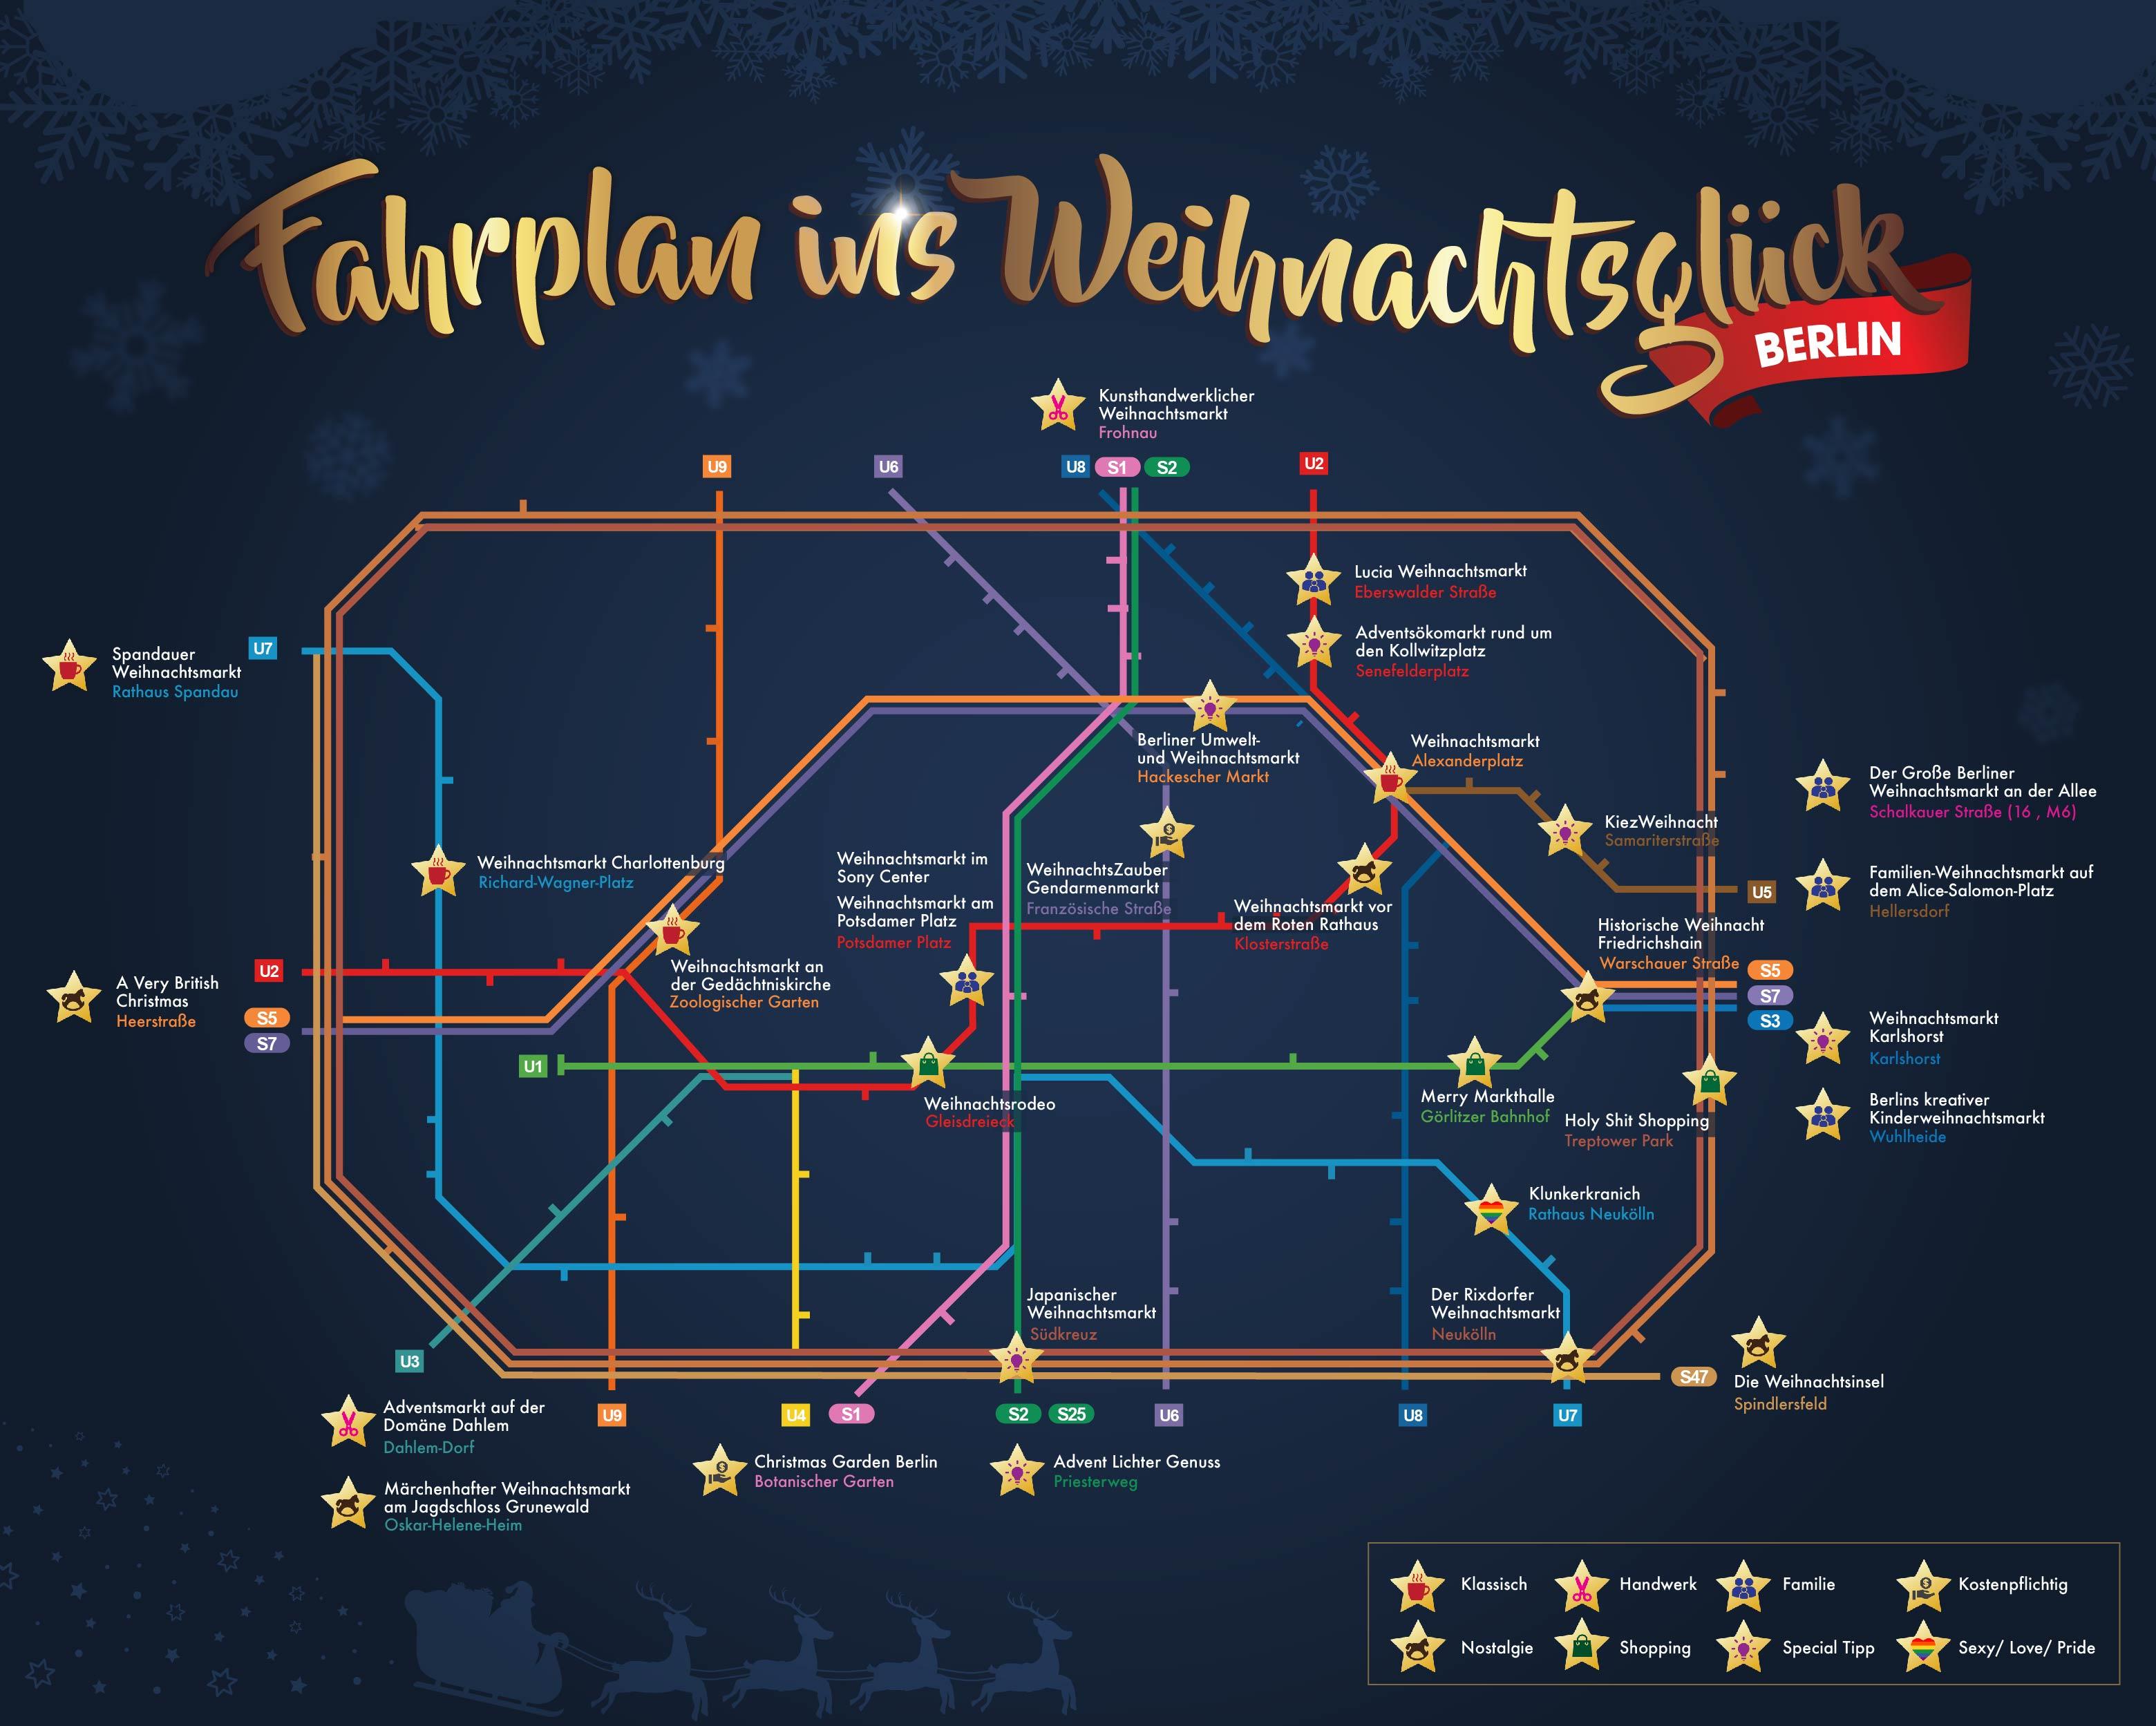 Weihnachtsmarkt Berlin Beginn.Weihnachtsmärkte 2019 Ihr Fahrplan Ins Weihnachtsglück